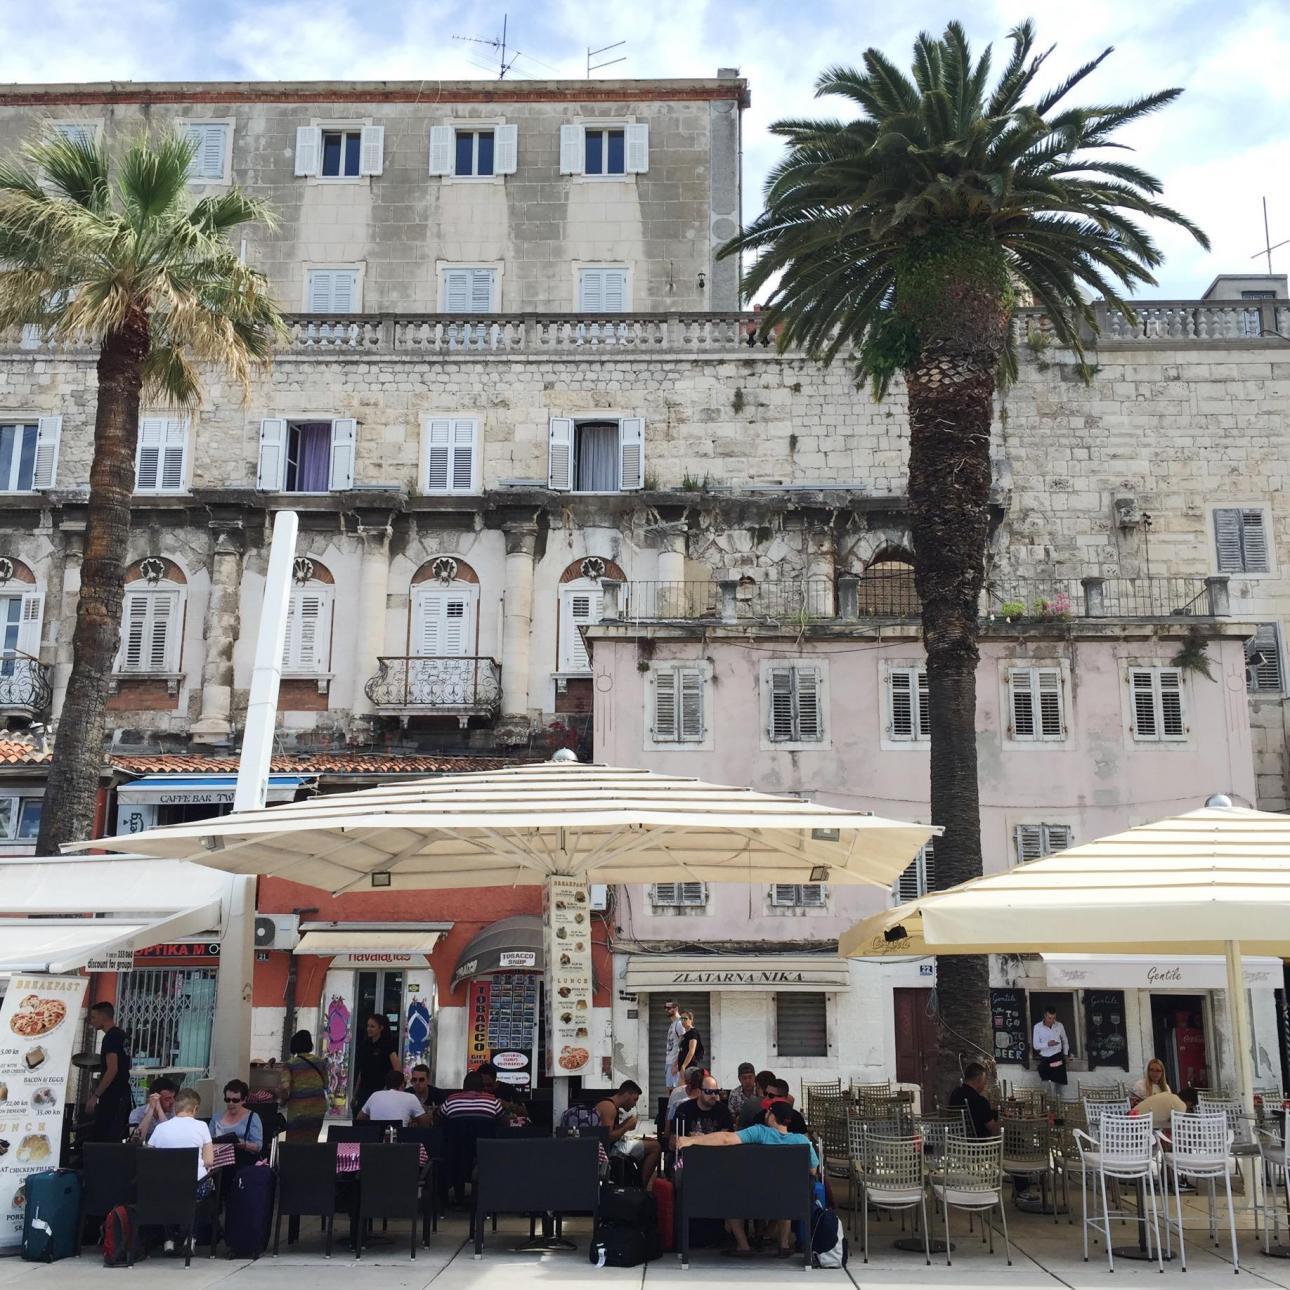 Split Kroatien og den smukke gamle by (old town).